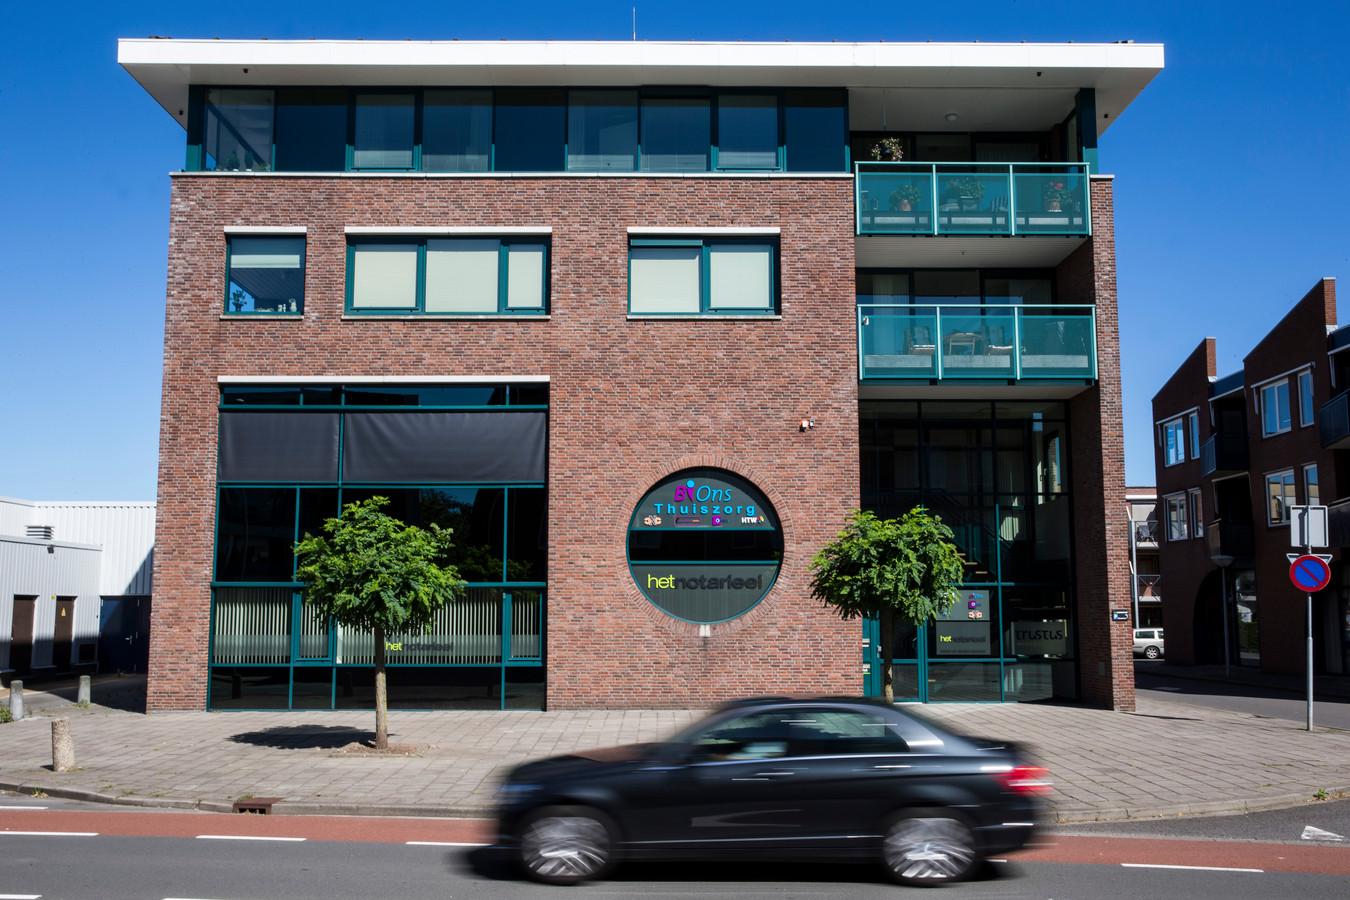 Exterieur van het kantoorpand van thuiszorgbedrijf Bions en het failliete thuiszorgbedrijf Solace ATC in Rijssen.